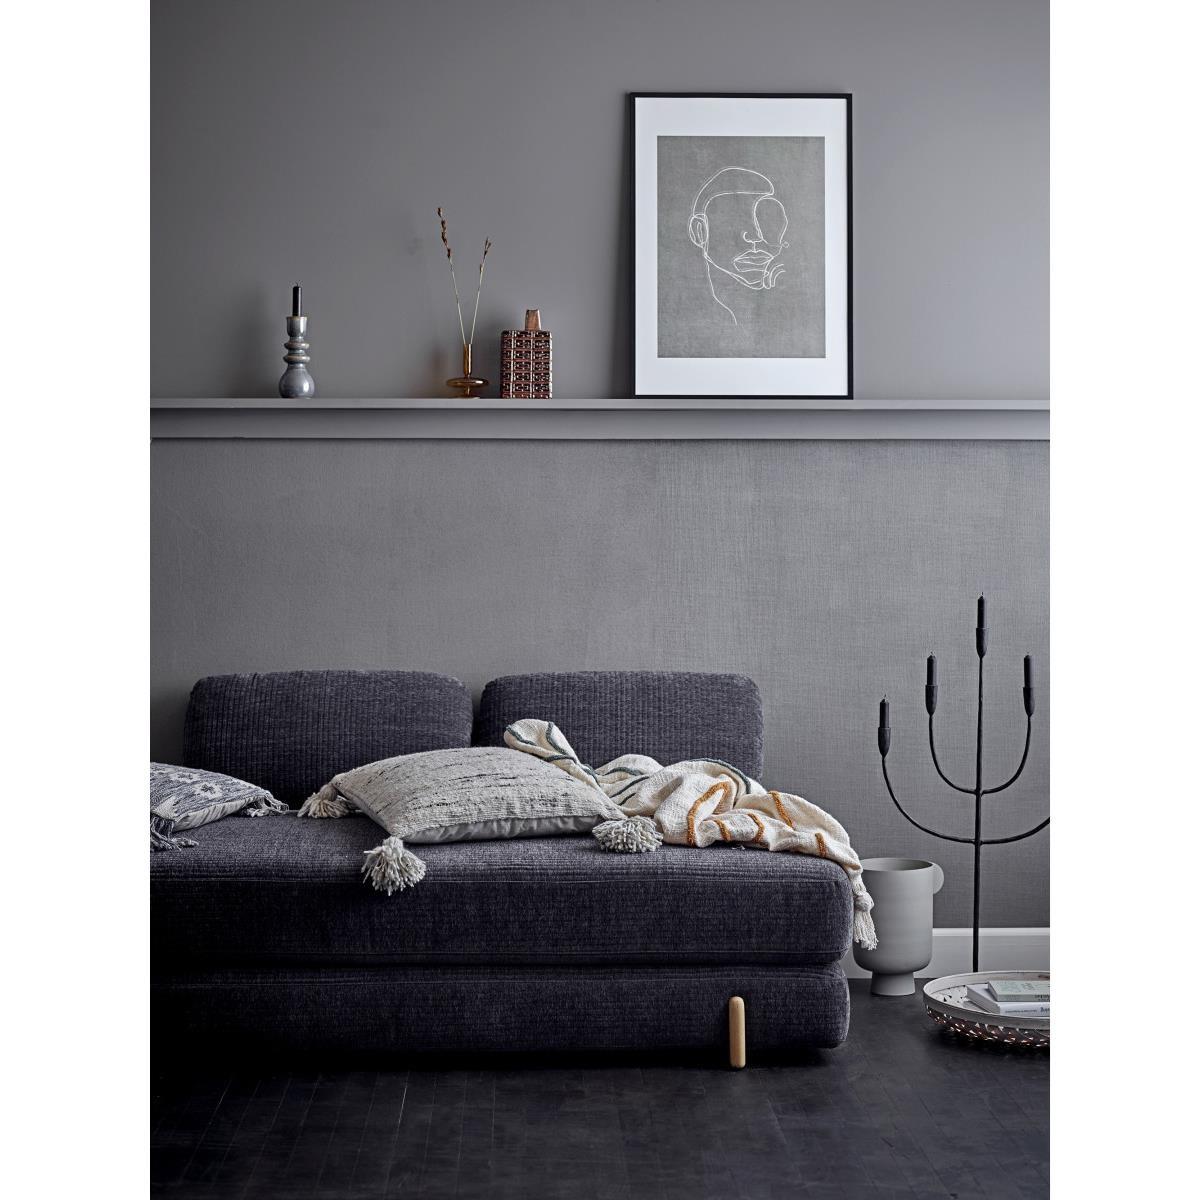 Obraz v černém dřevěném rámu Hake 52x72 cm_2